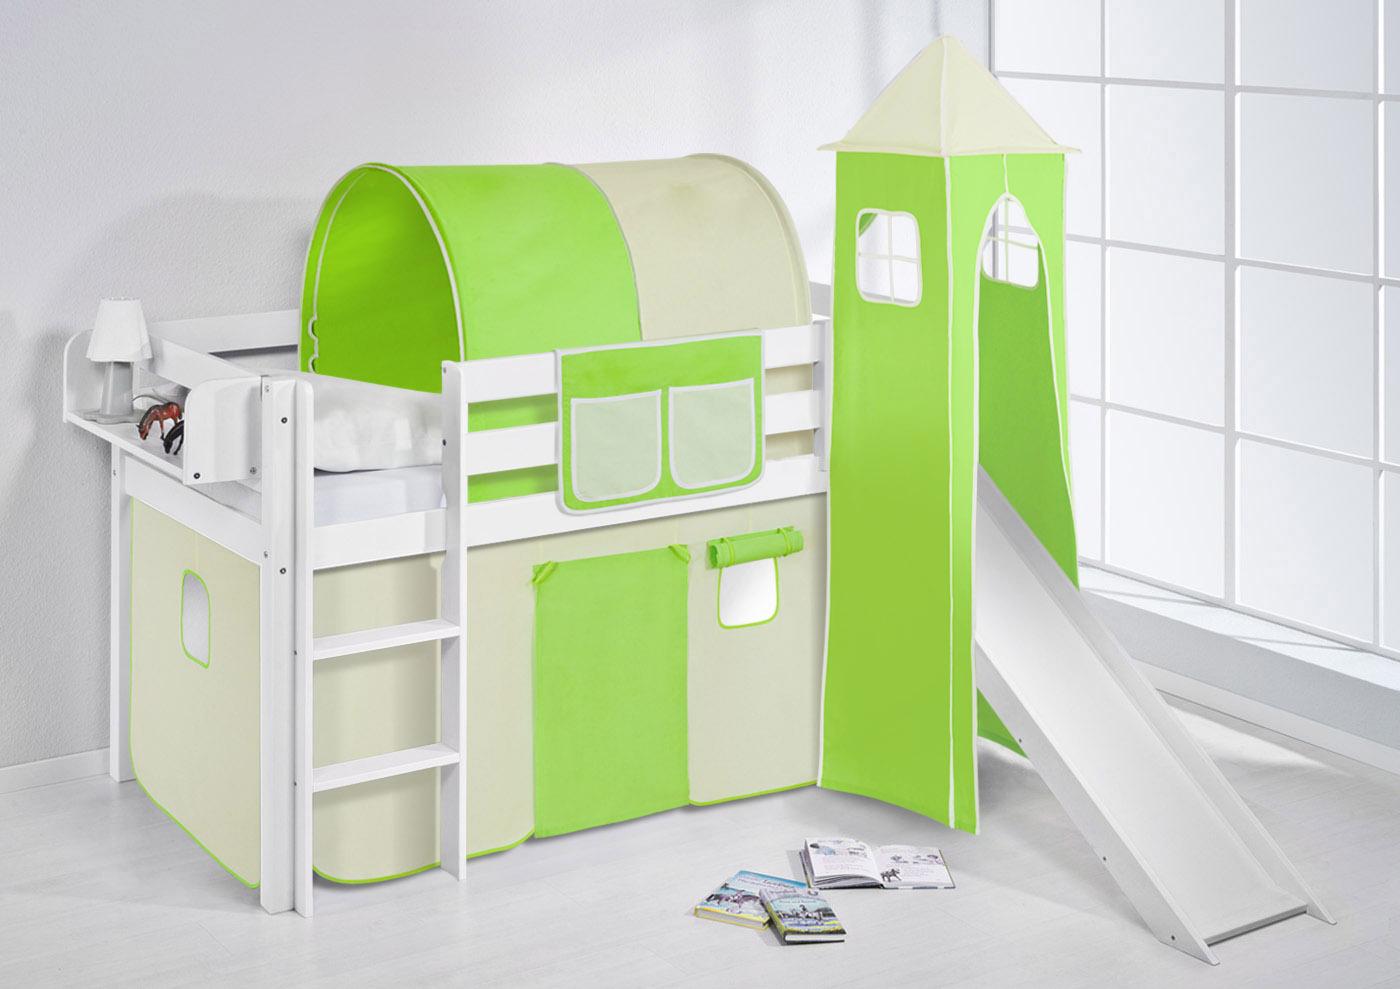 spielbett hochbett kinderbett kinder bett jelle mit turm und rutsche vorhang ebay. Black Bedroom Furniture Sets. Home Design Ideas